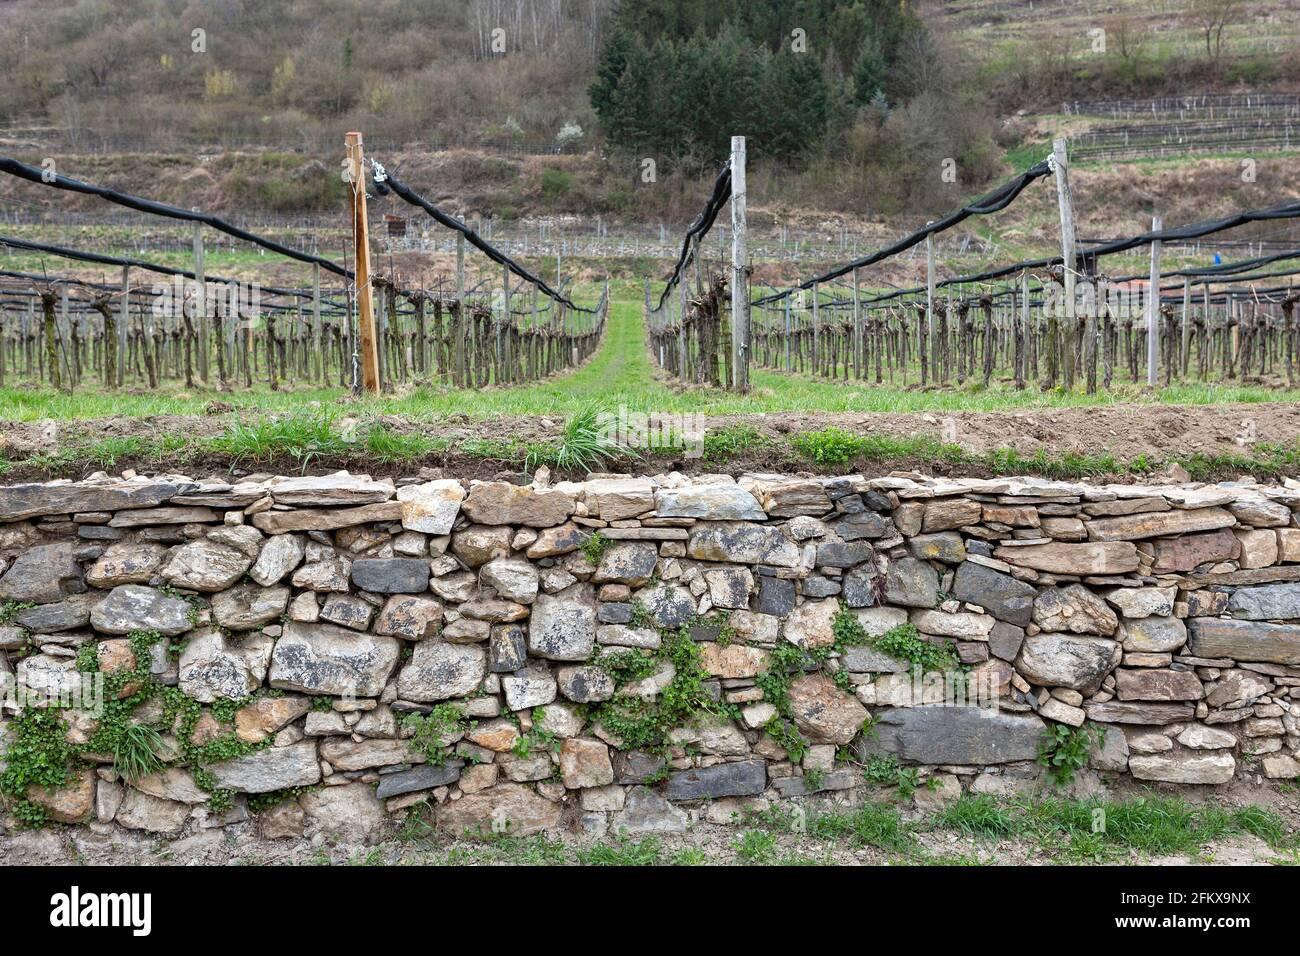 Dry Stone Wall In Der Wachau Lower Austria Stock Photo